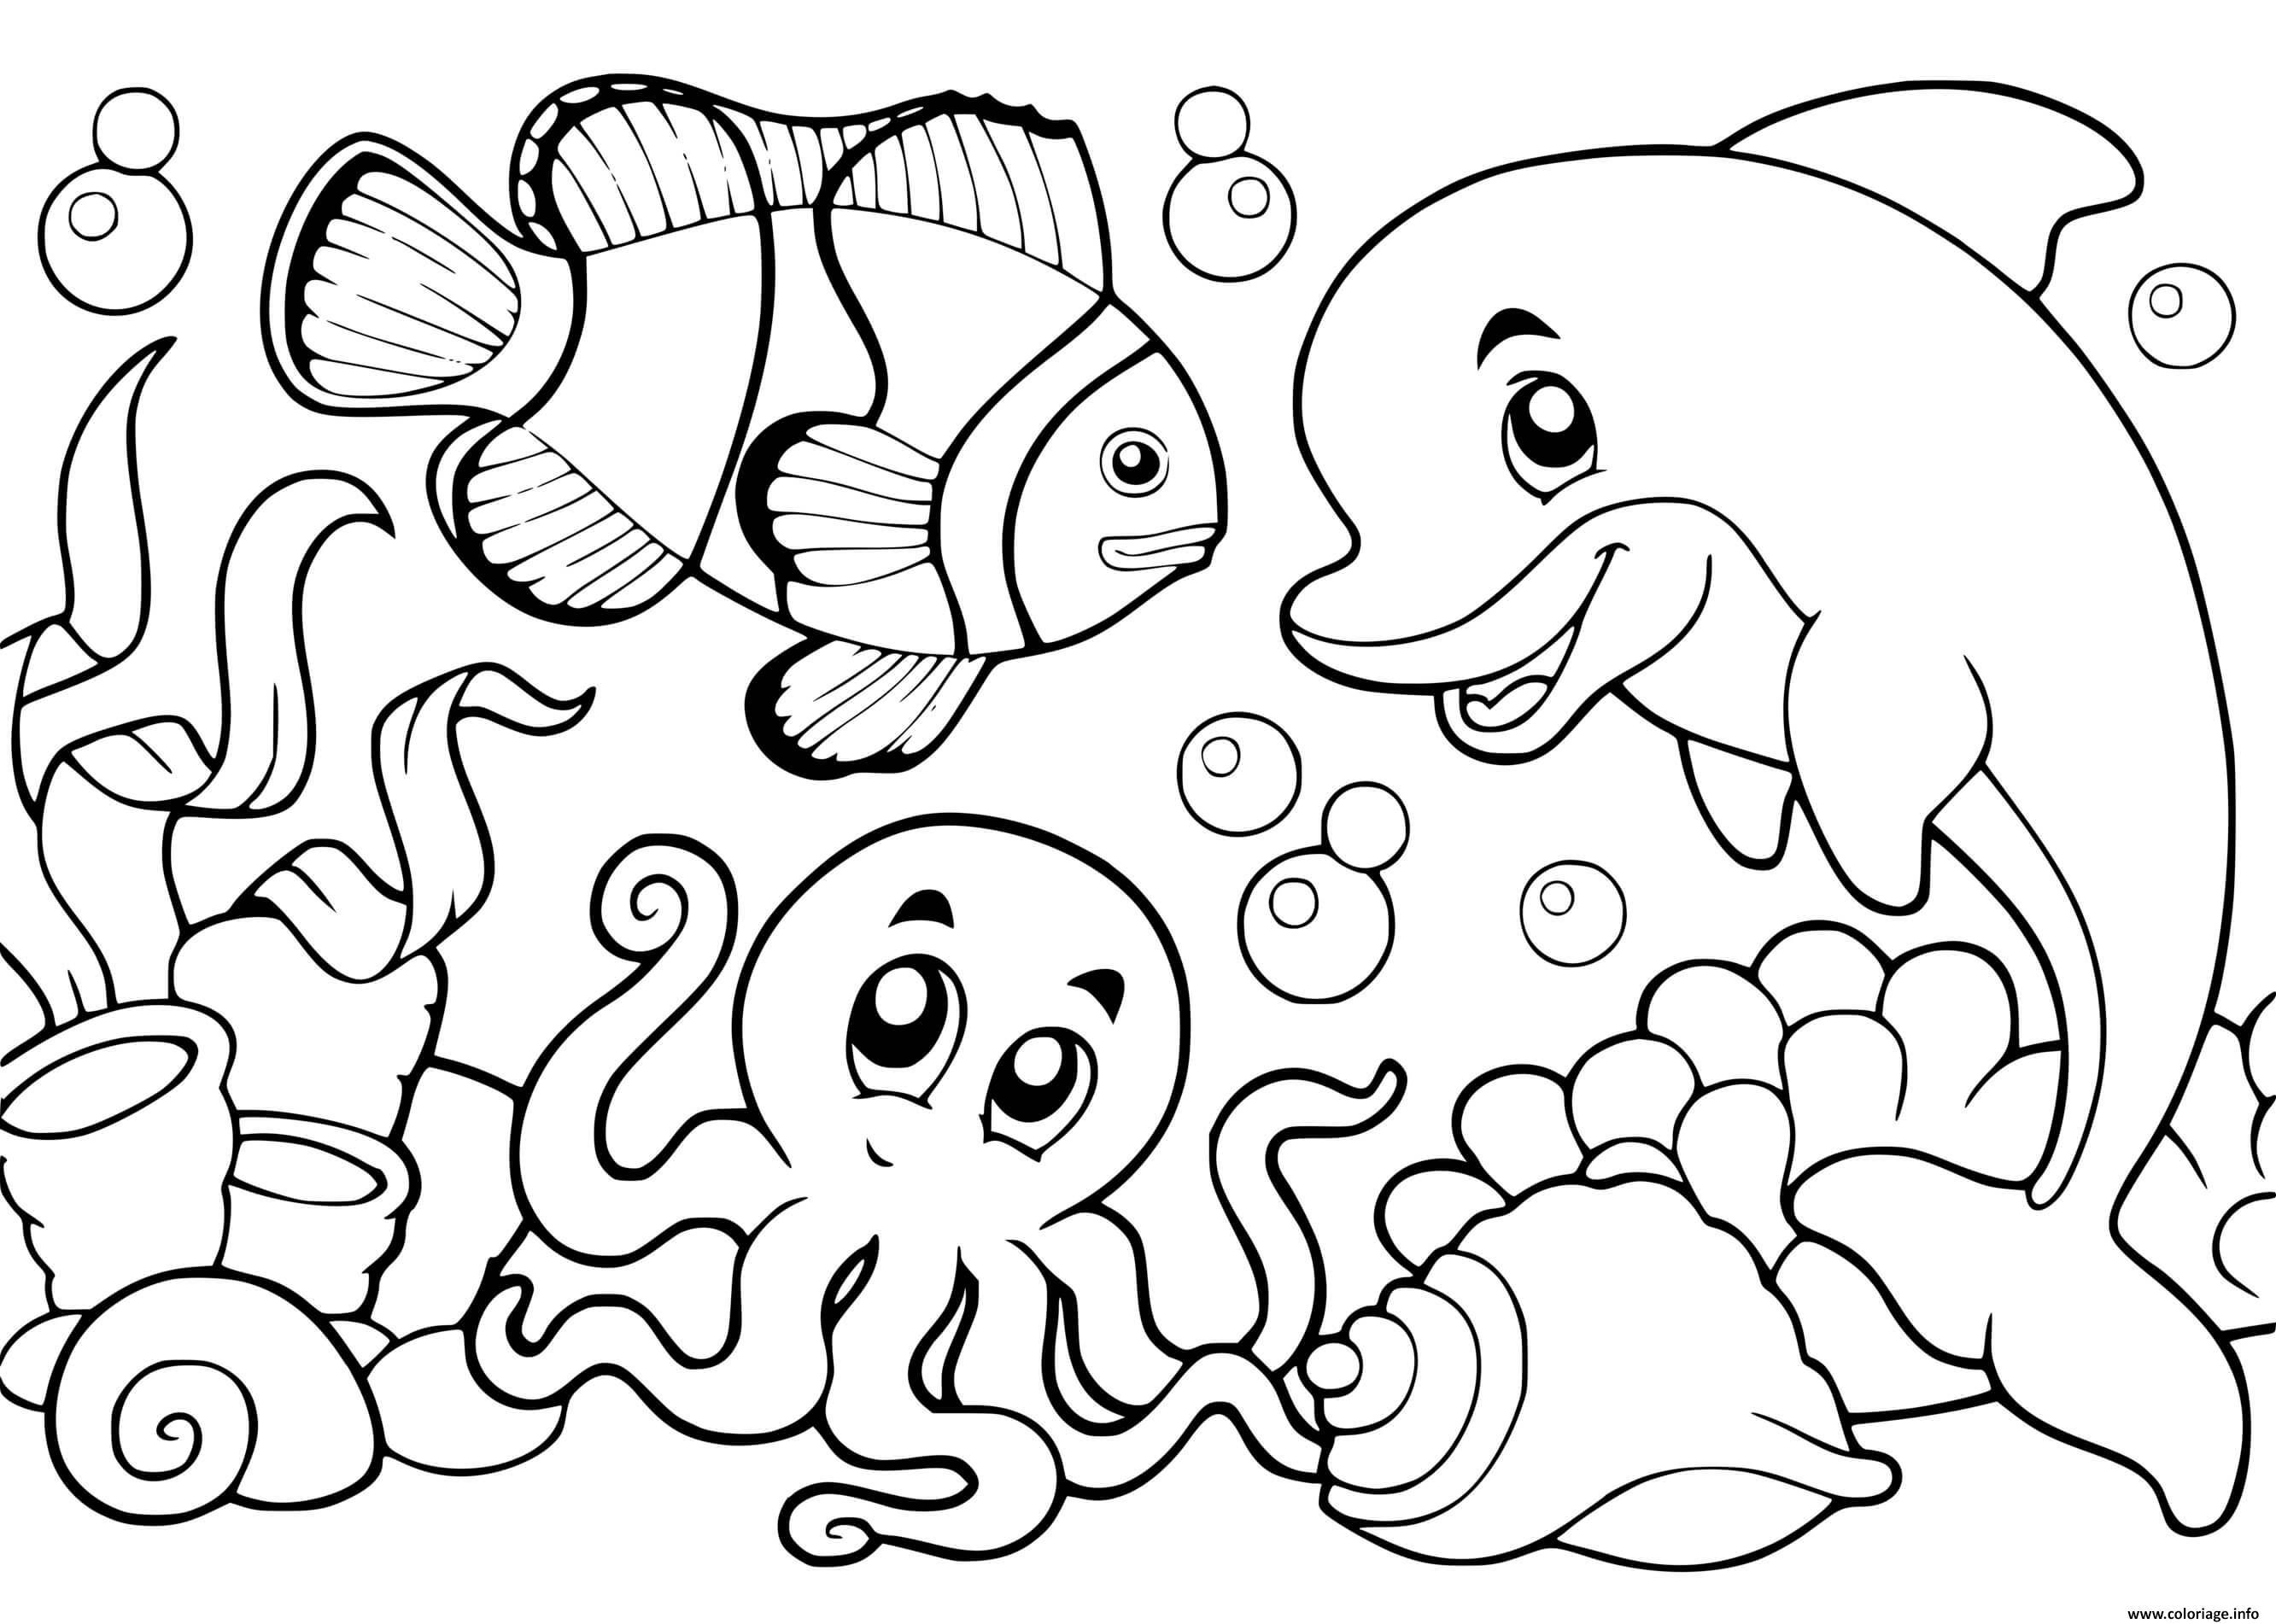 Dessin la vie sous marine ocean Coloriage Gratuit à Imprimer